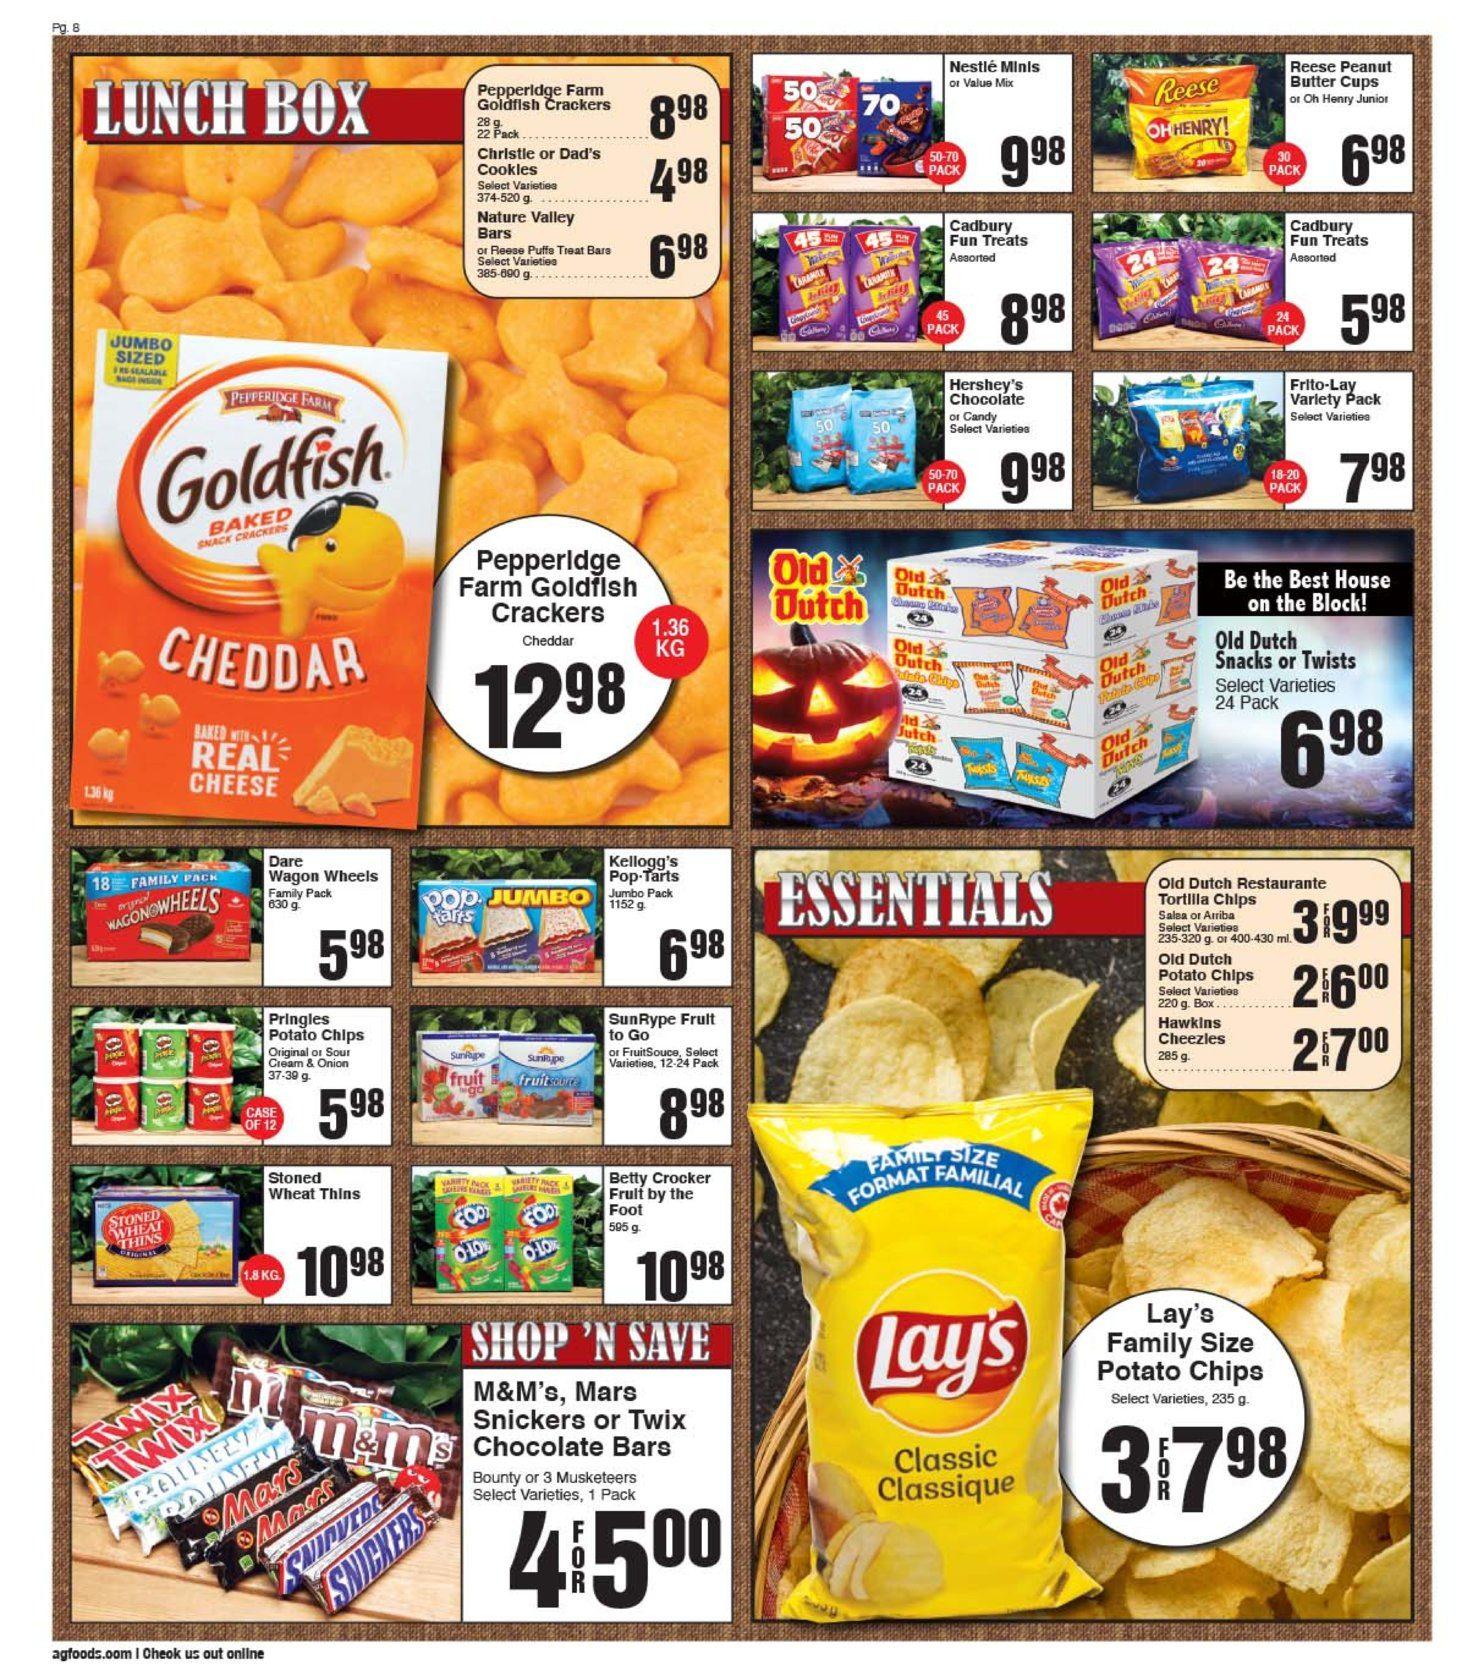 AG Foods - 2 Weeks of Savings - Page 8